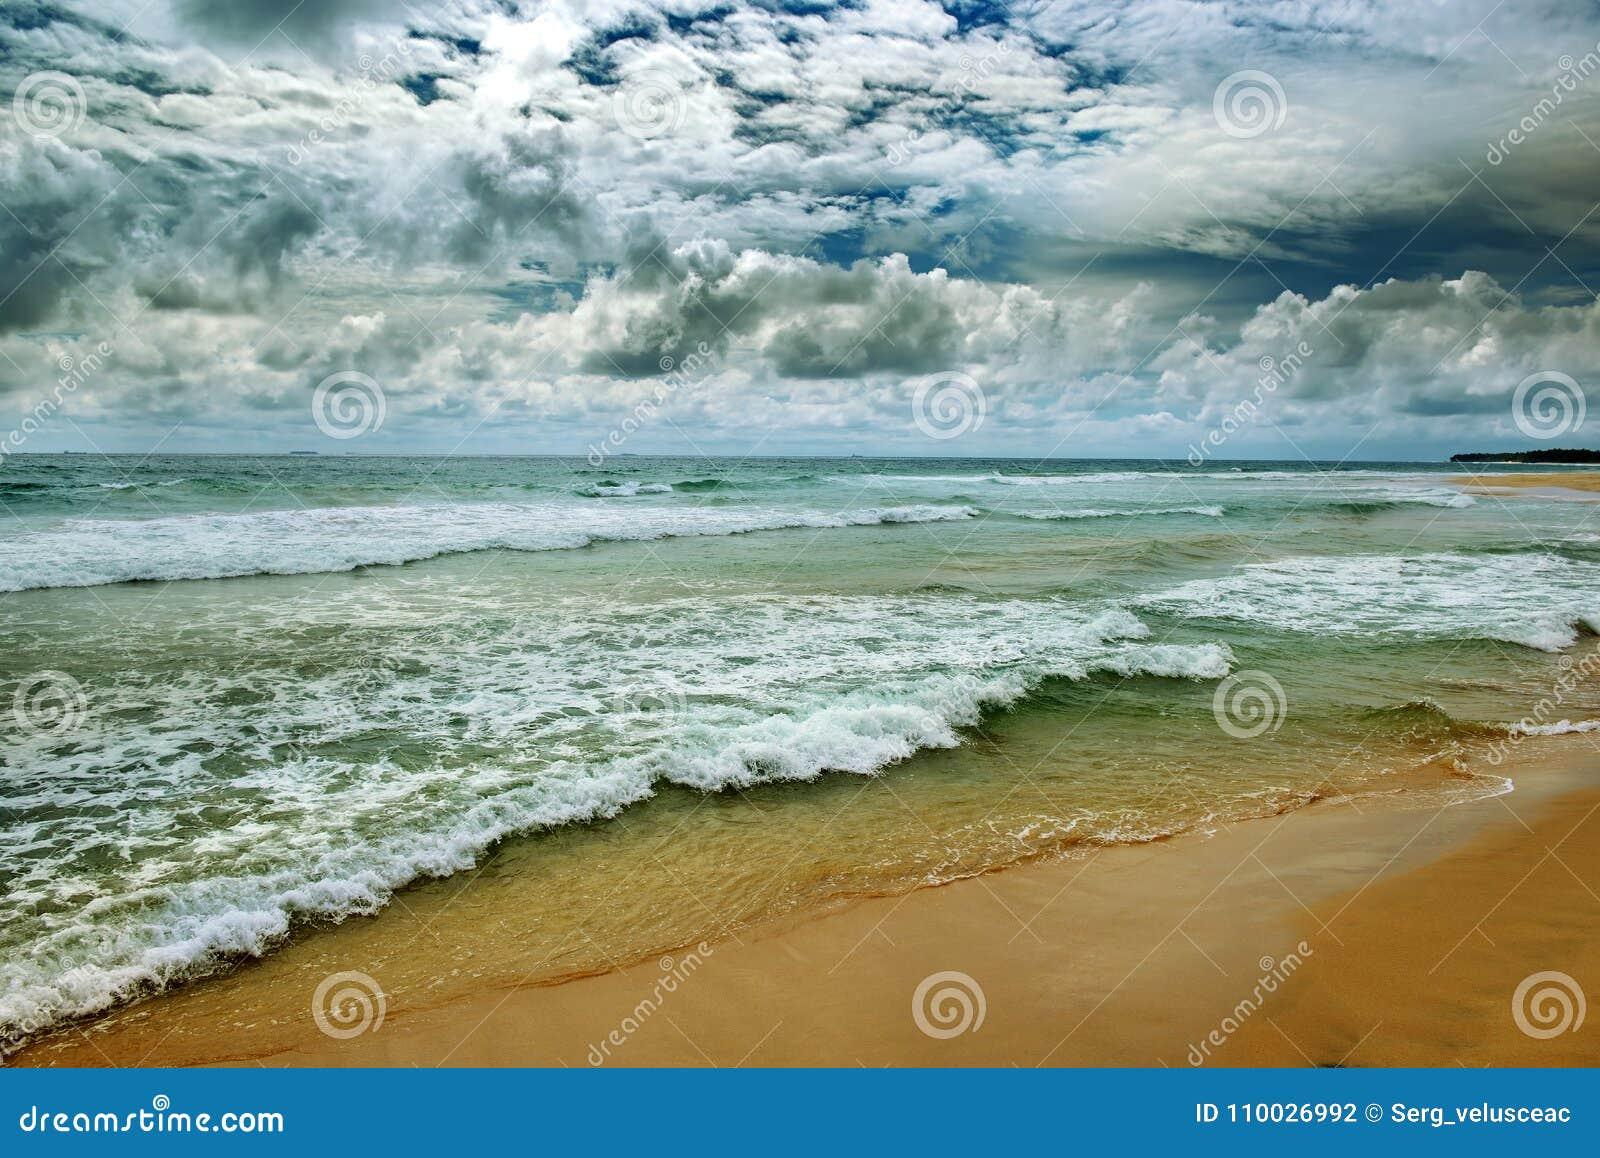 Dramatische donkere hemel en oceaangolven in uitstekende stijl